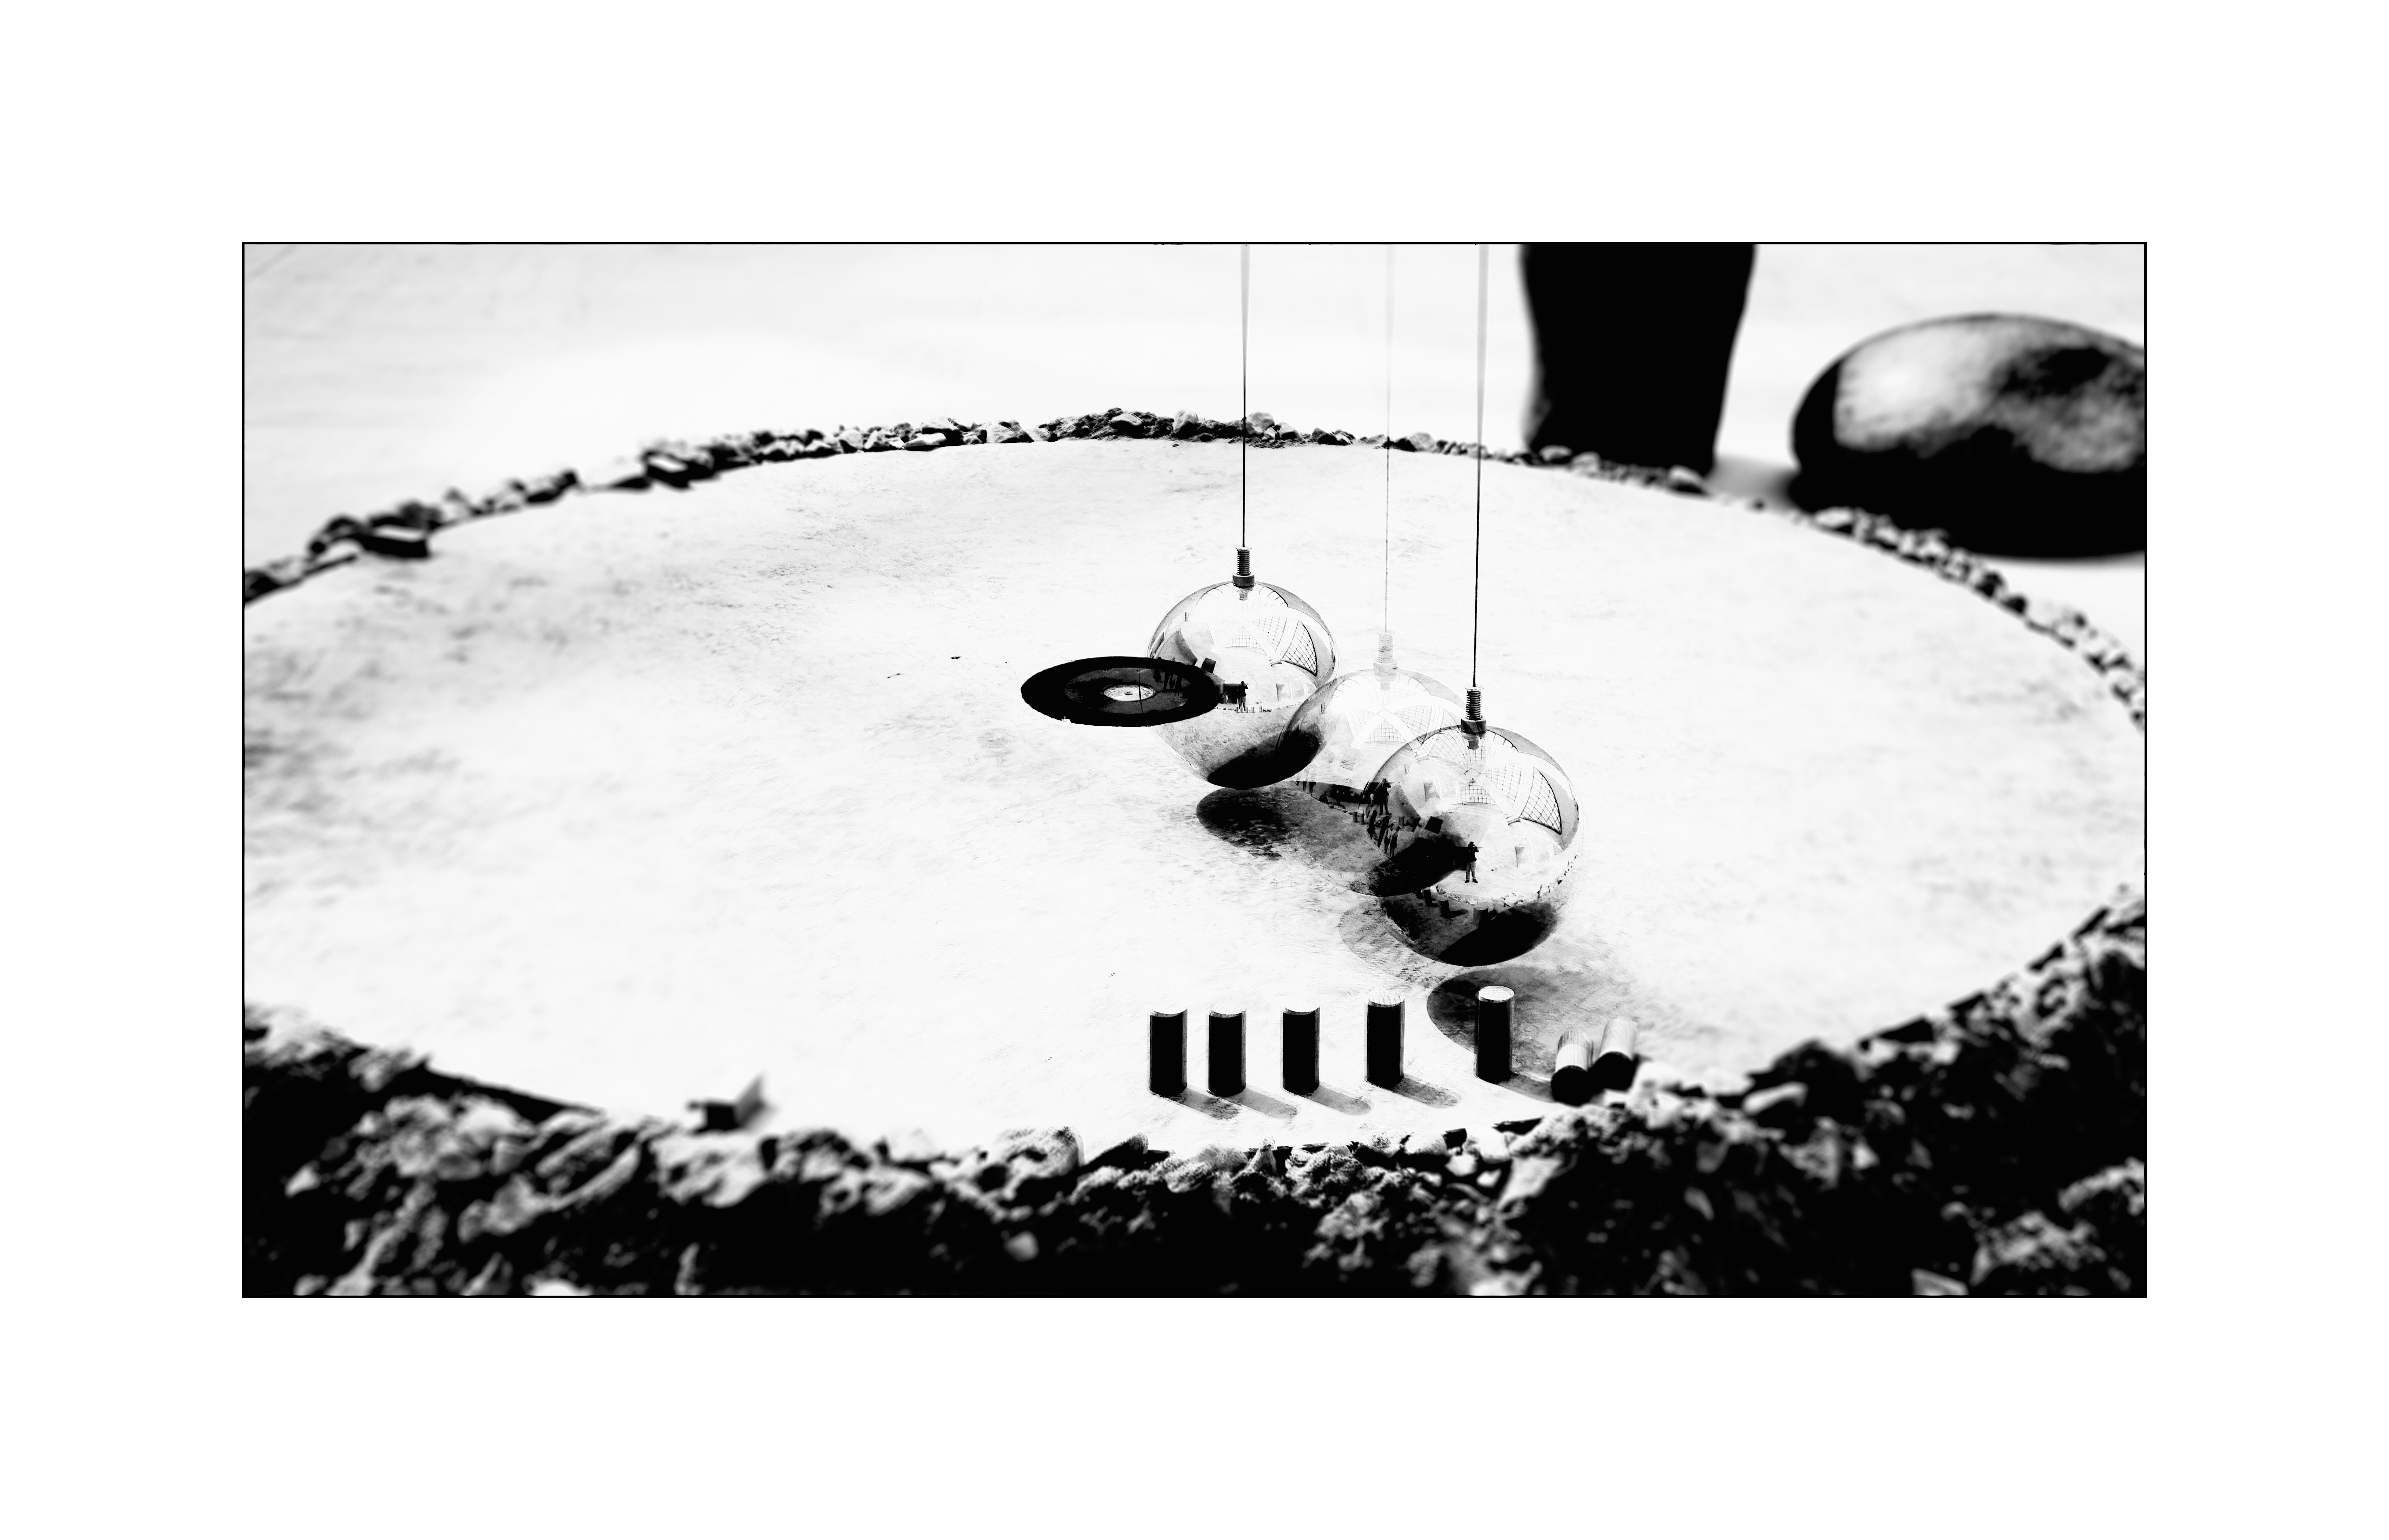 el pendulo